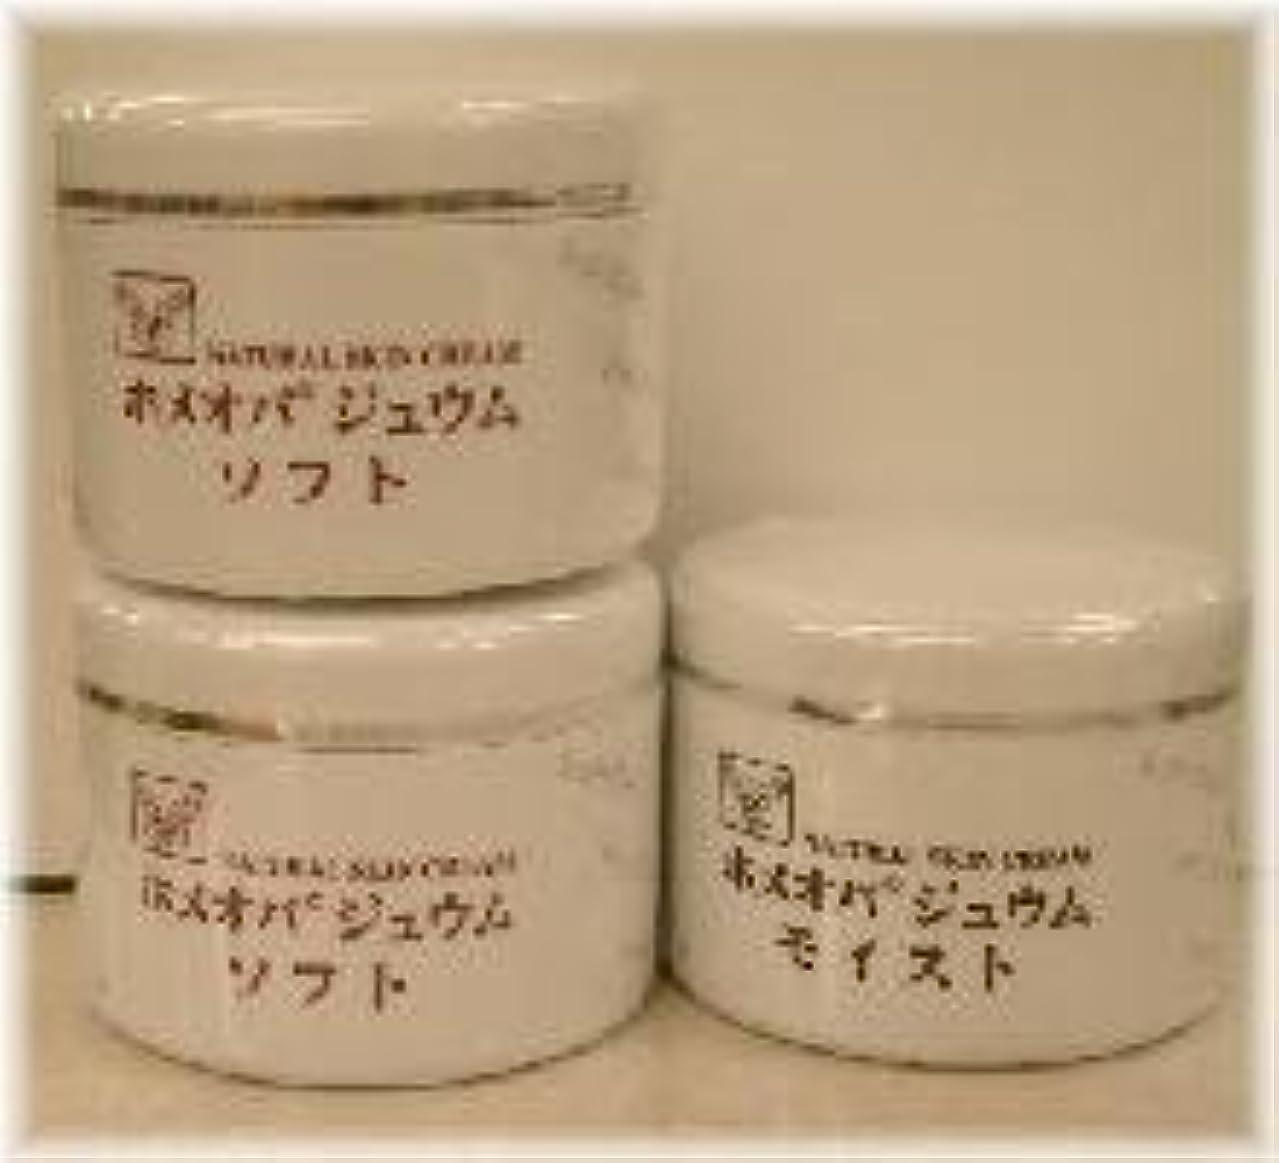 博物館こねるエピソードホメオパジュウム スキンケア商品3点 ¥10500クリームソフト2個+クリームモイスト